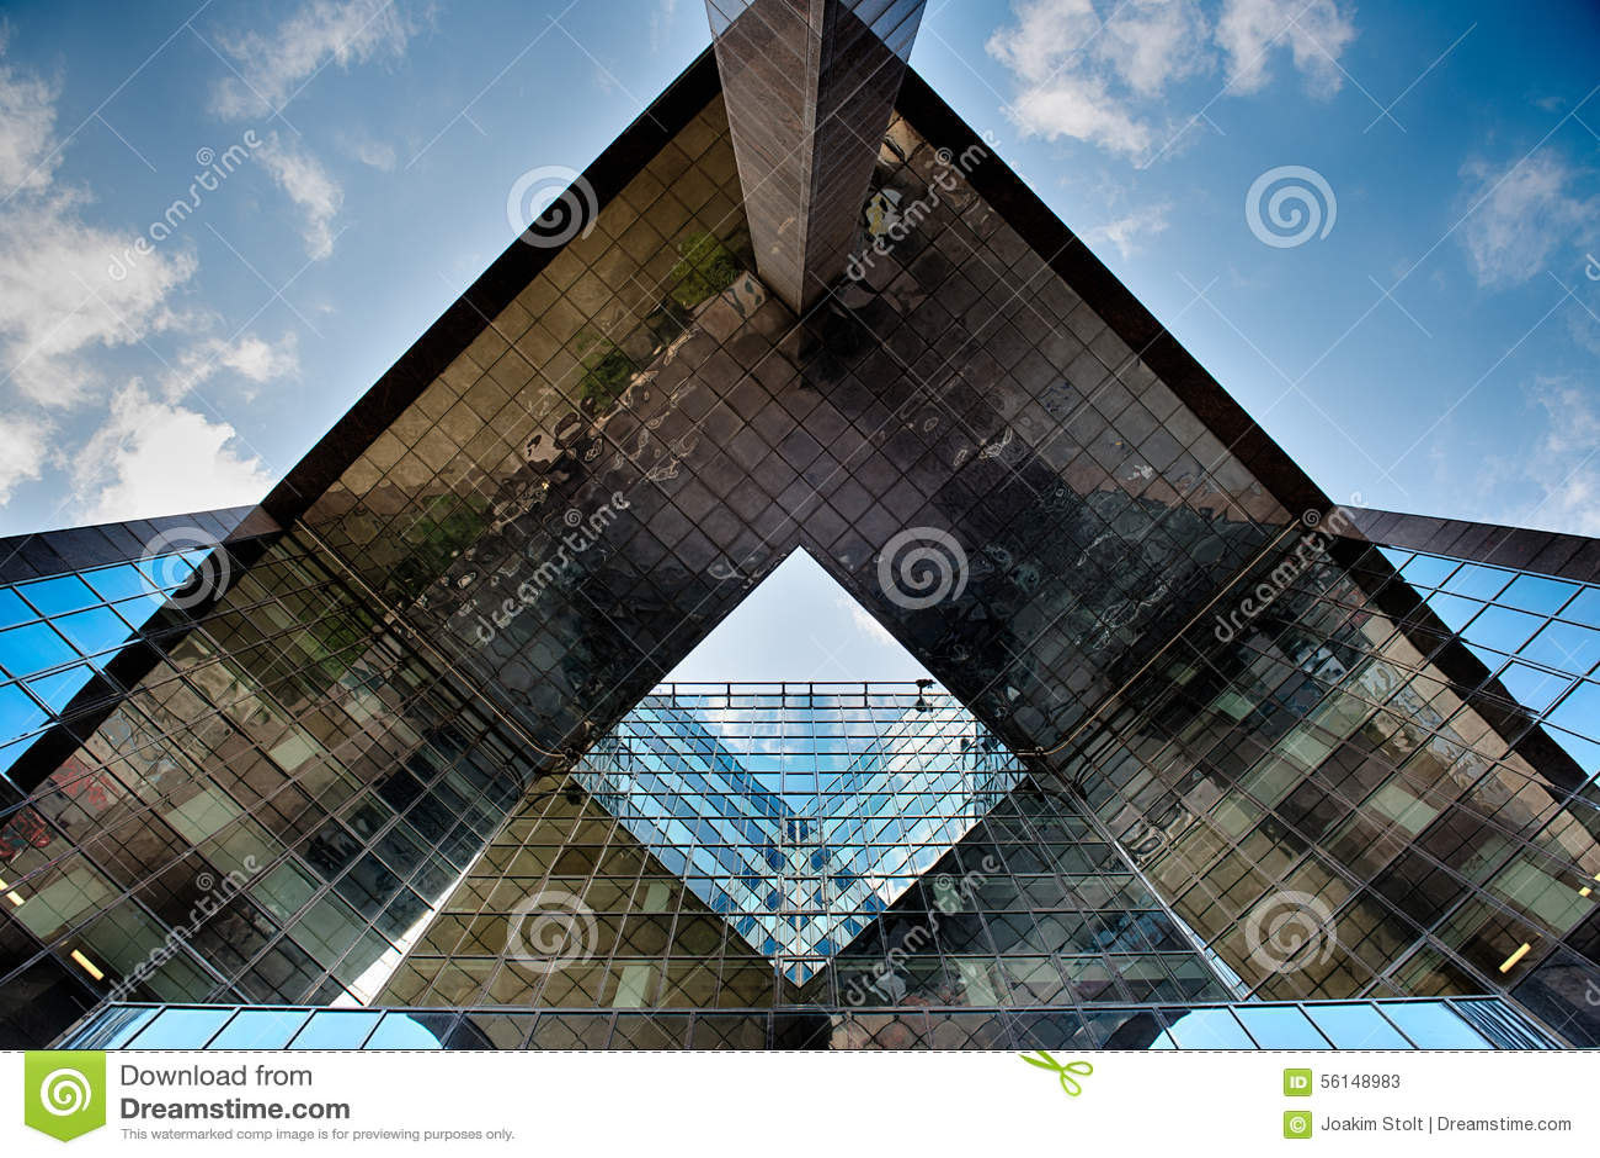 Biurowy szklany budynek w abstrakcie